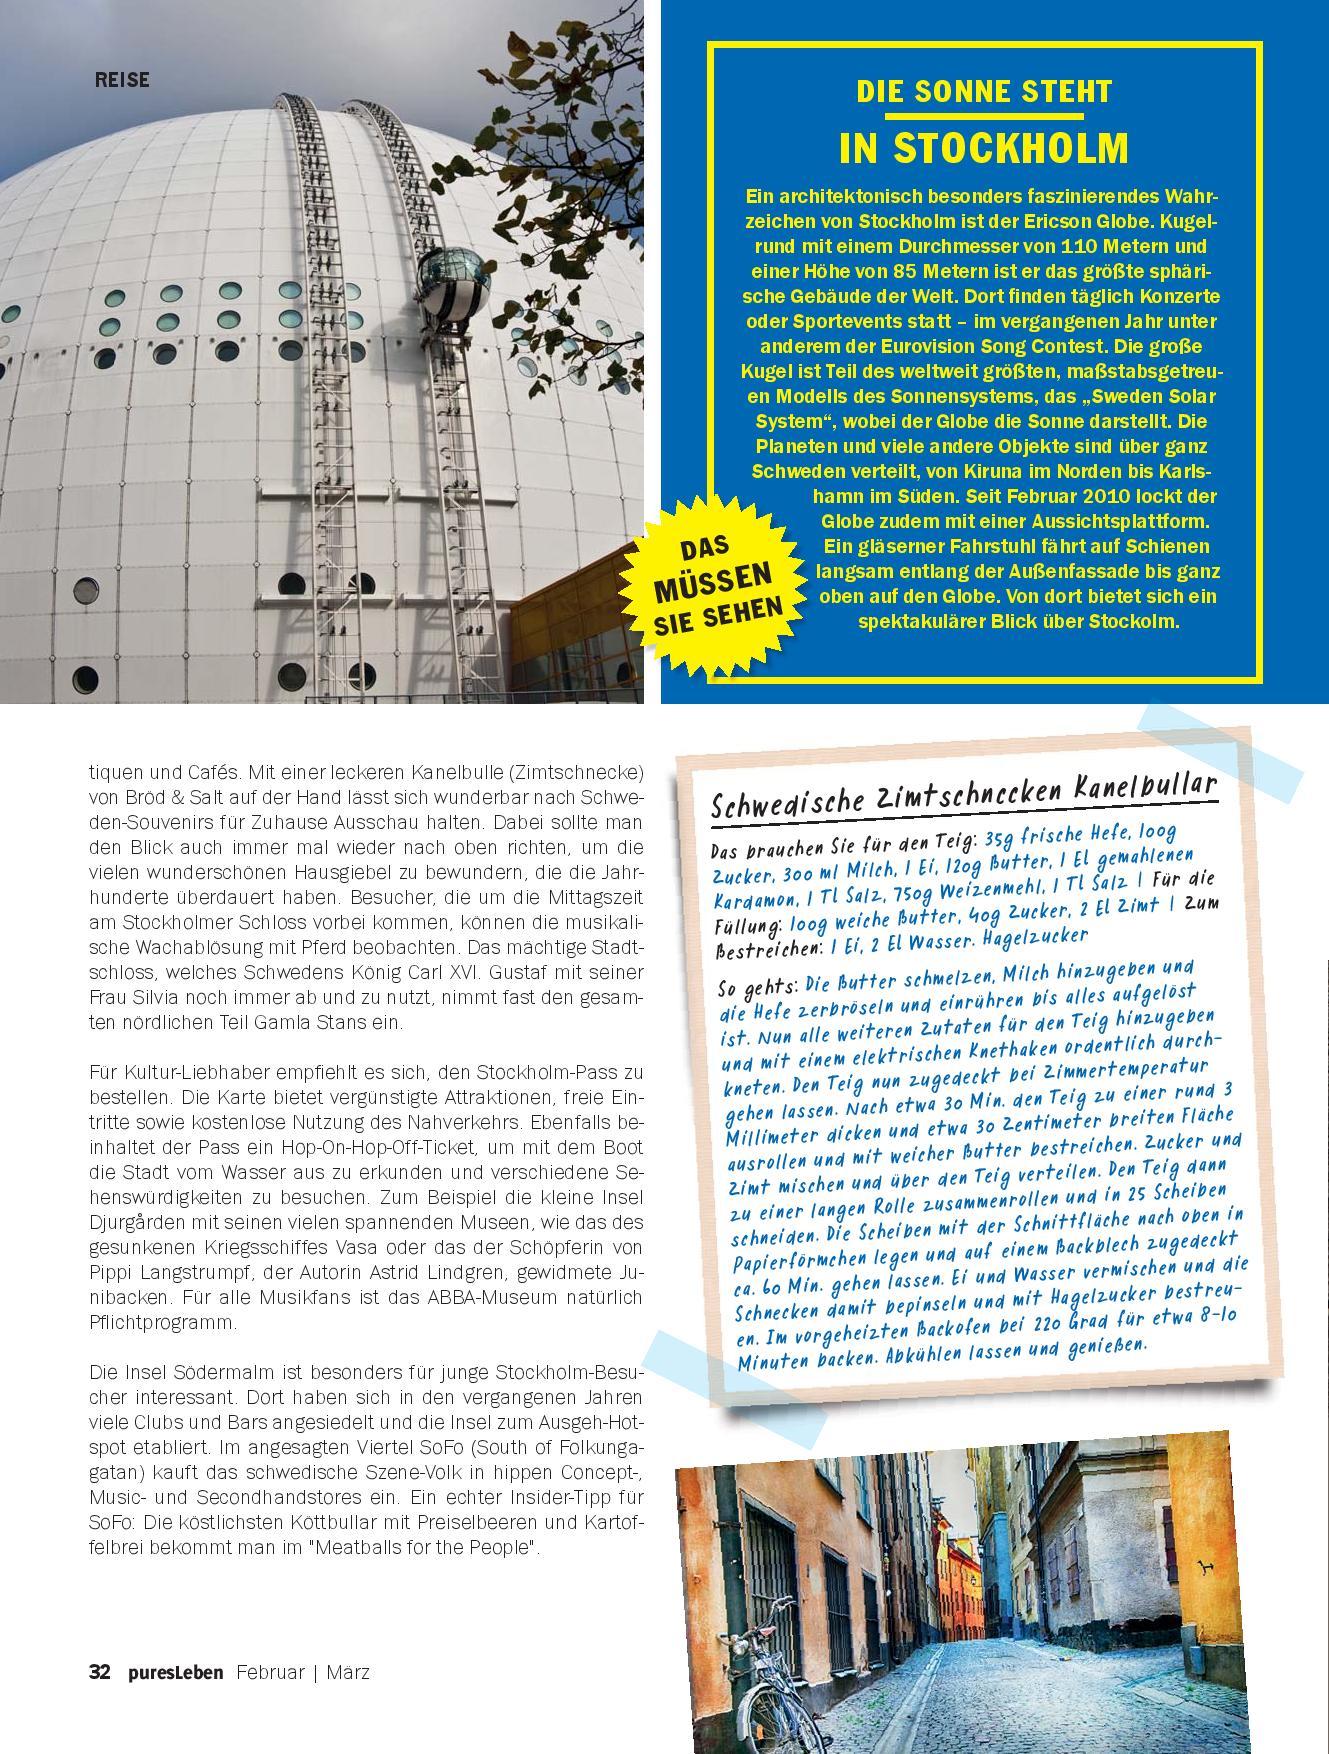 puresLeben_feb_maerz_17-page-032 Erstaunlich Www Hit De Dekorationen